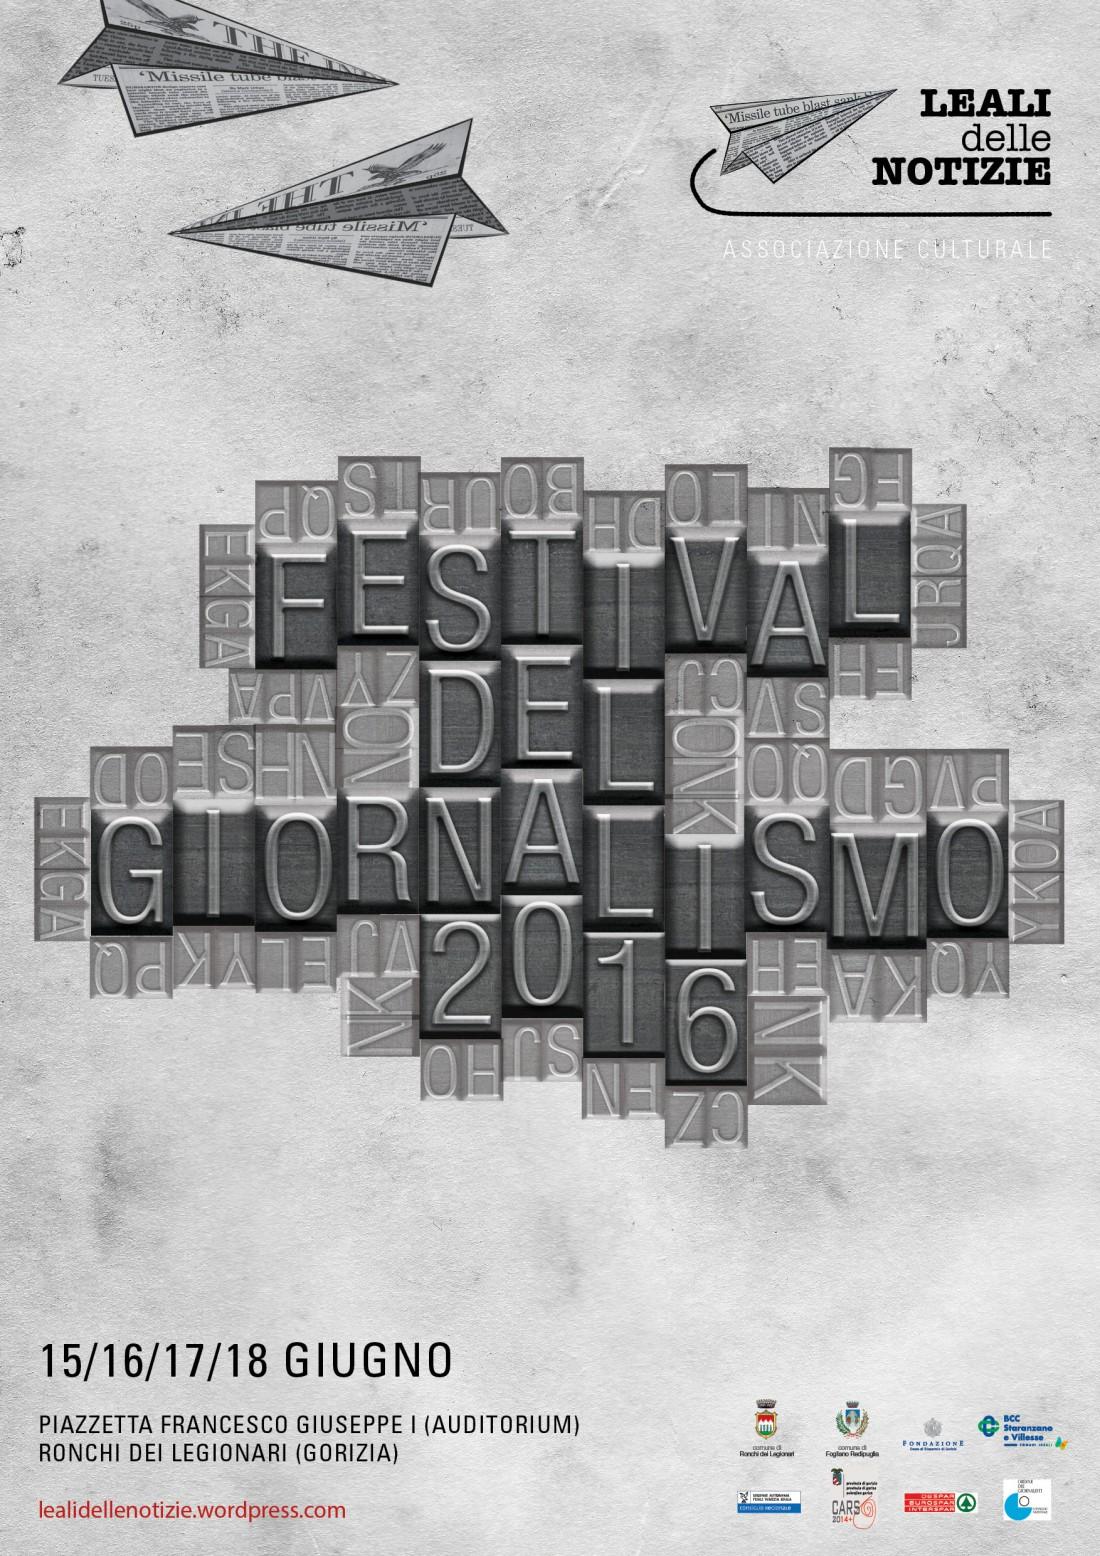 A3festivaldelgiornalismo_def-1-1100x1556